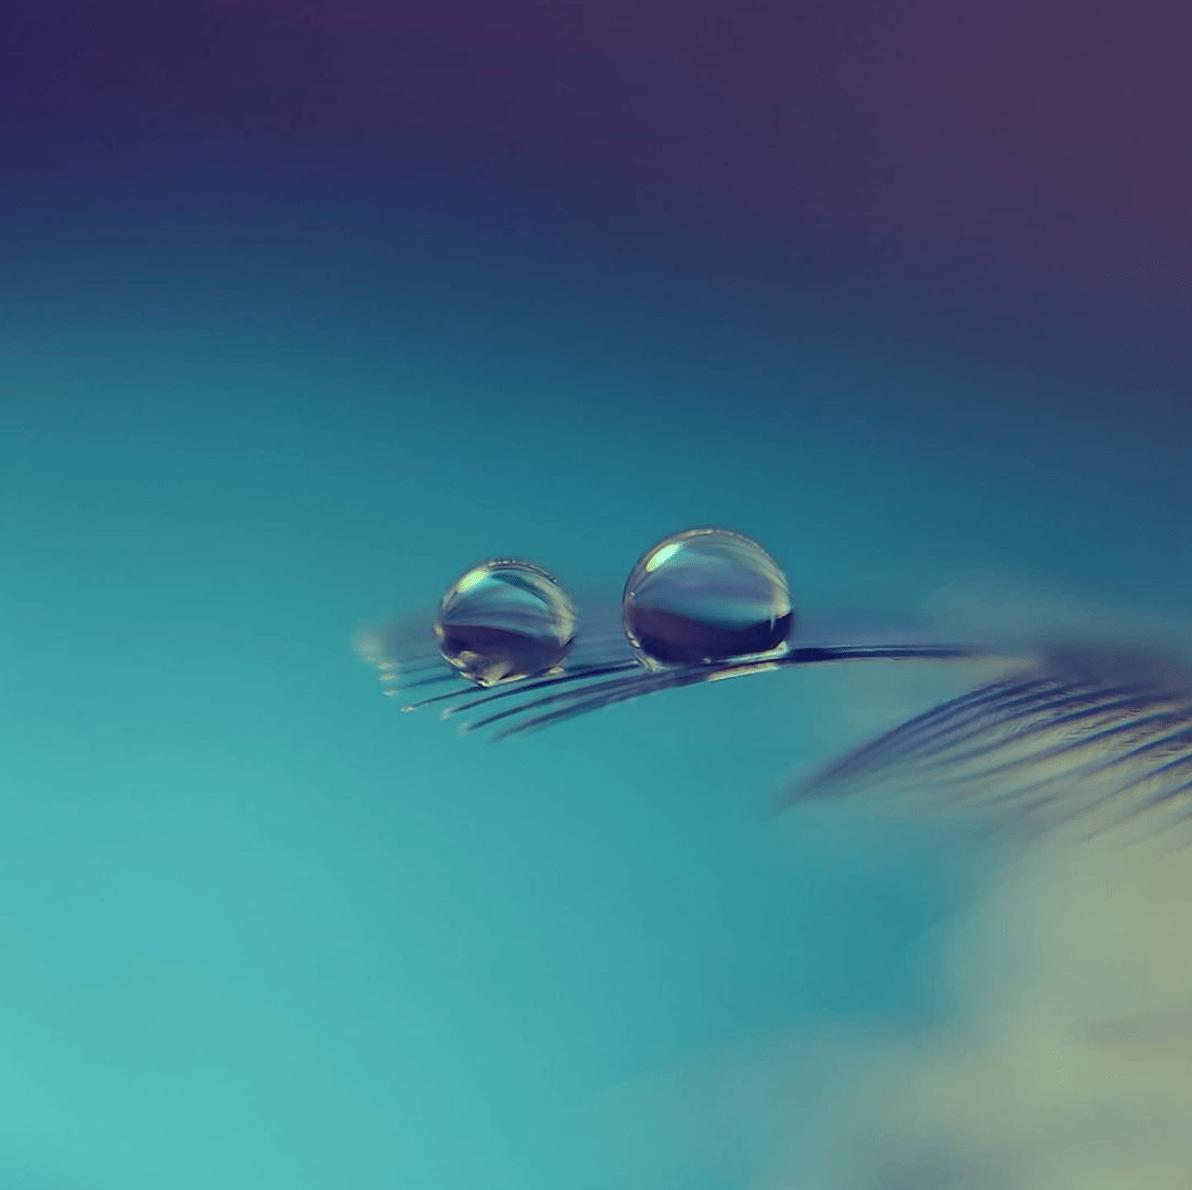 Fotografía de dos gotas de agua sobre pluma ganadora fotoreto116 delicado